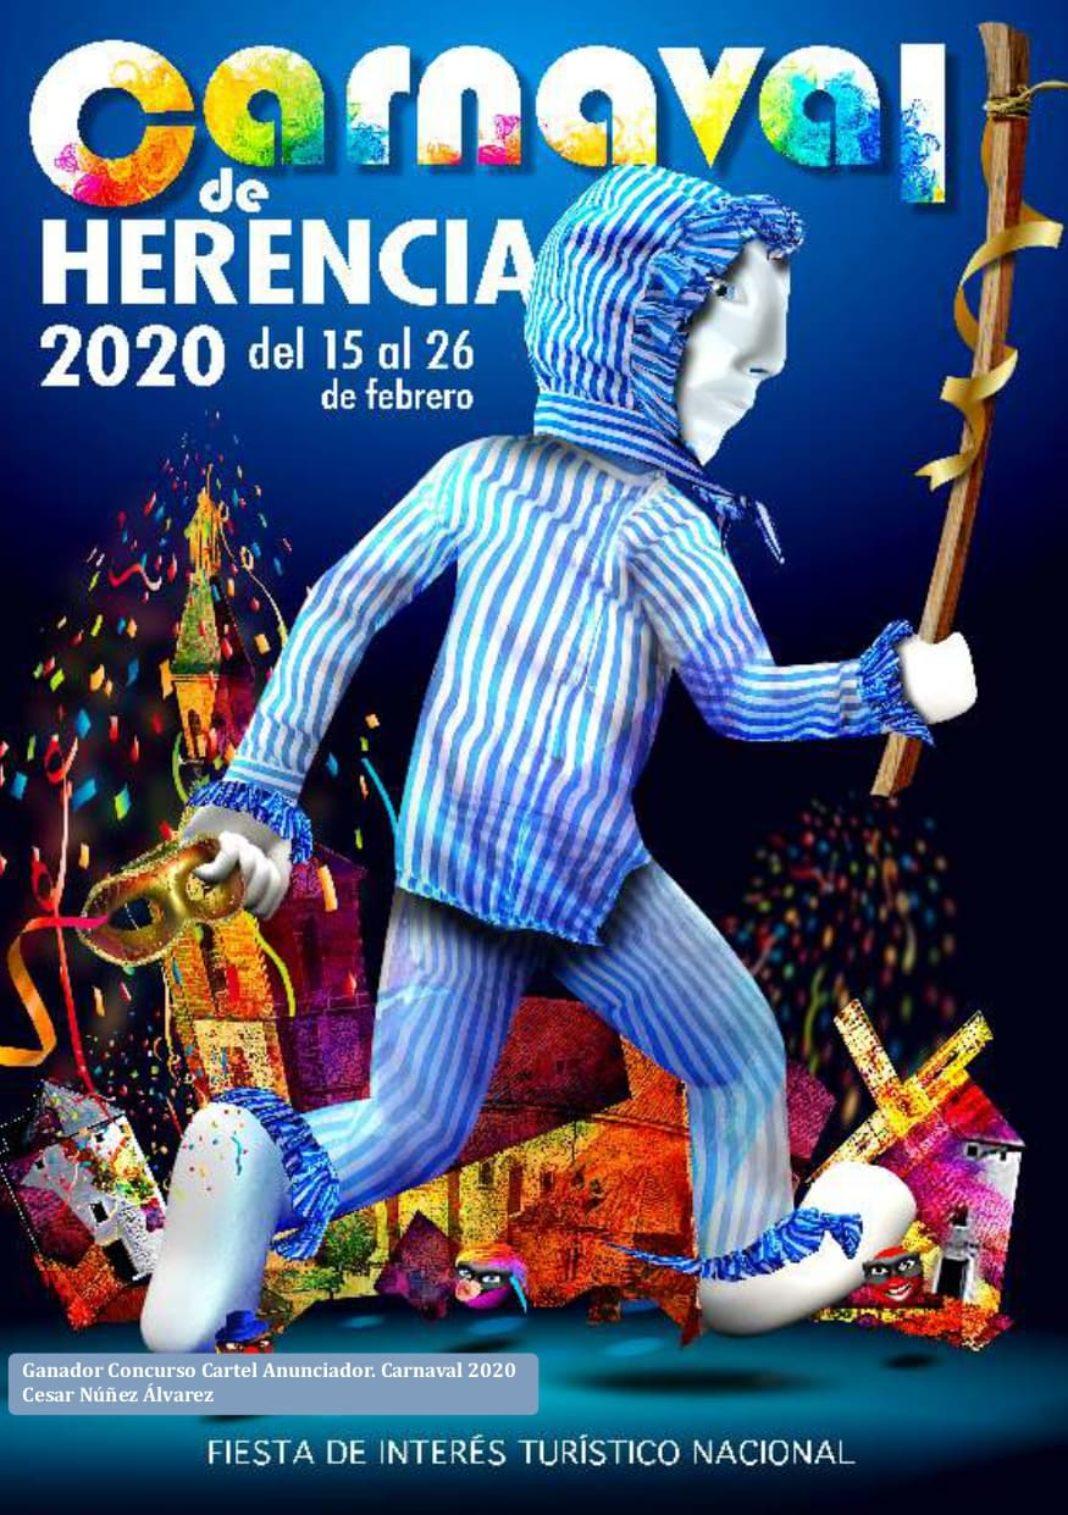 Publicadas las bases y premios de los concursos del Carnaval de Herencia 2020 19